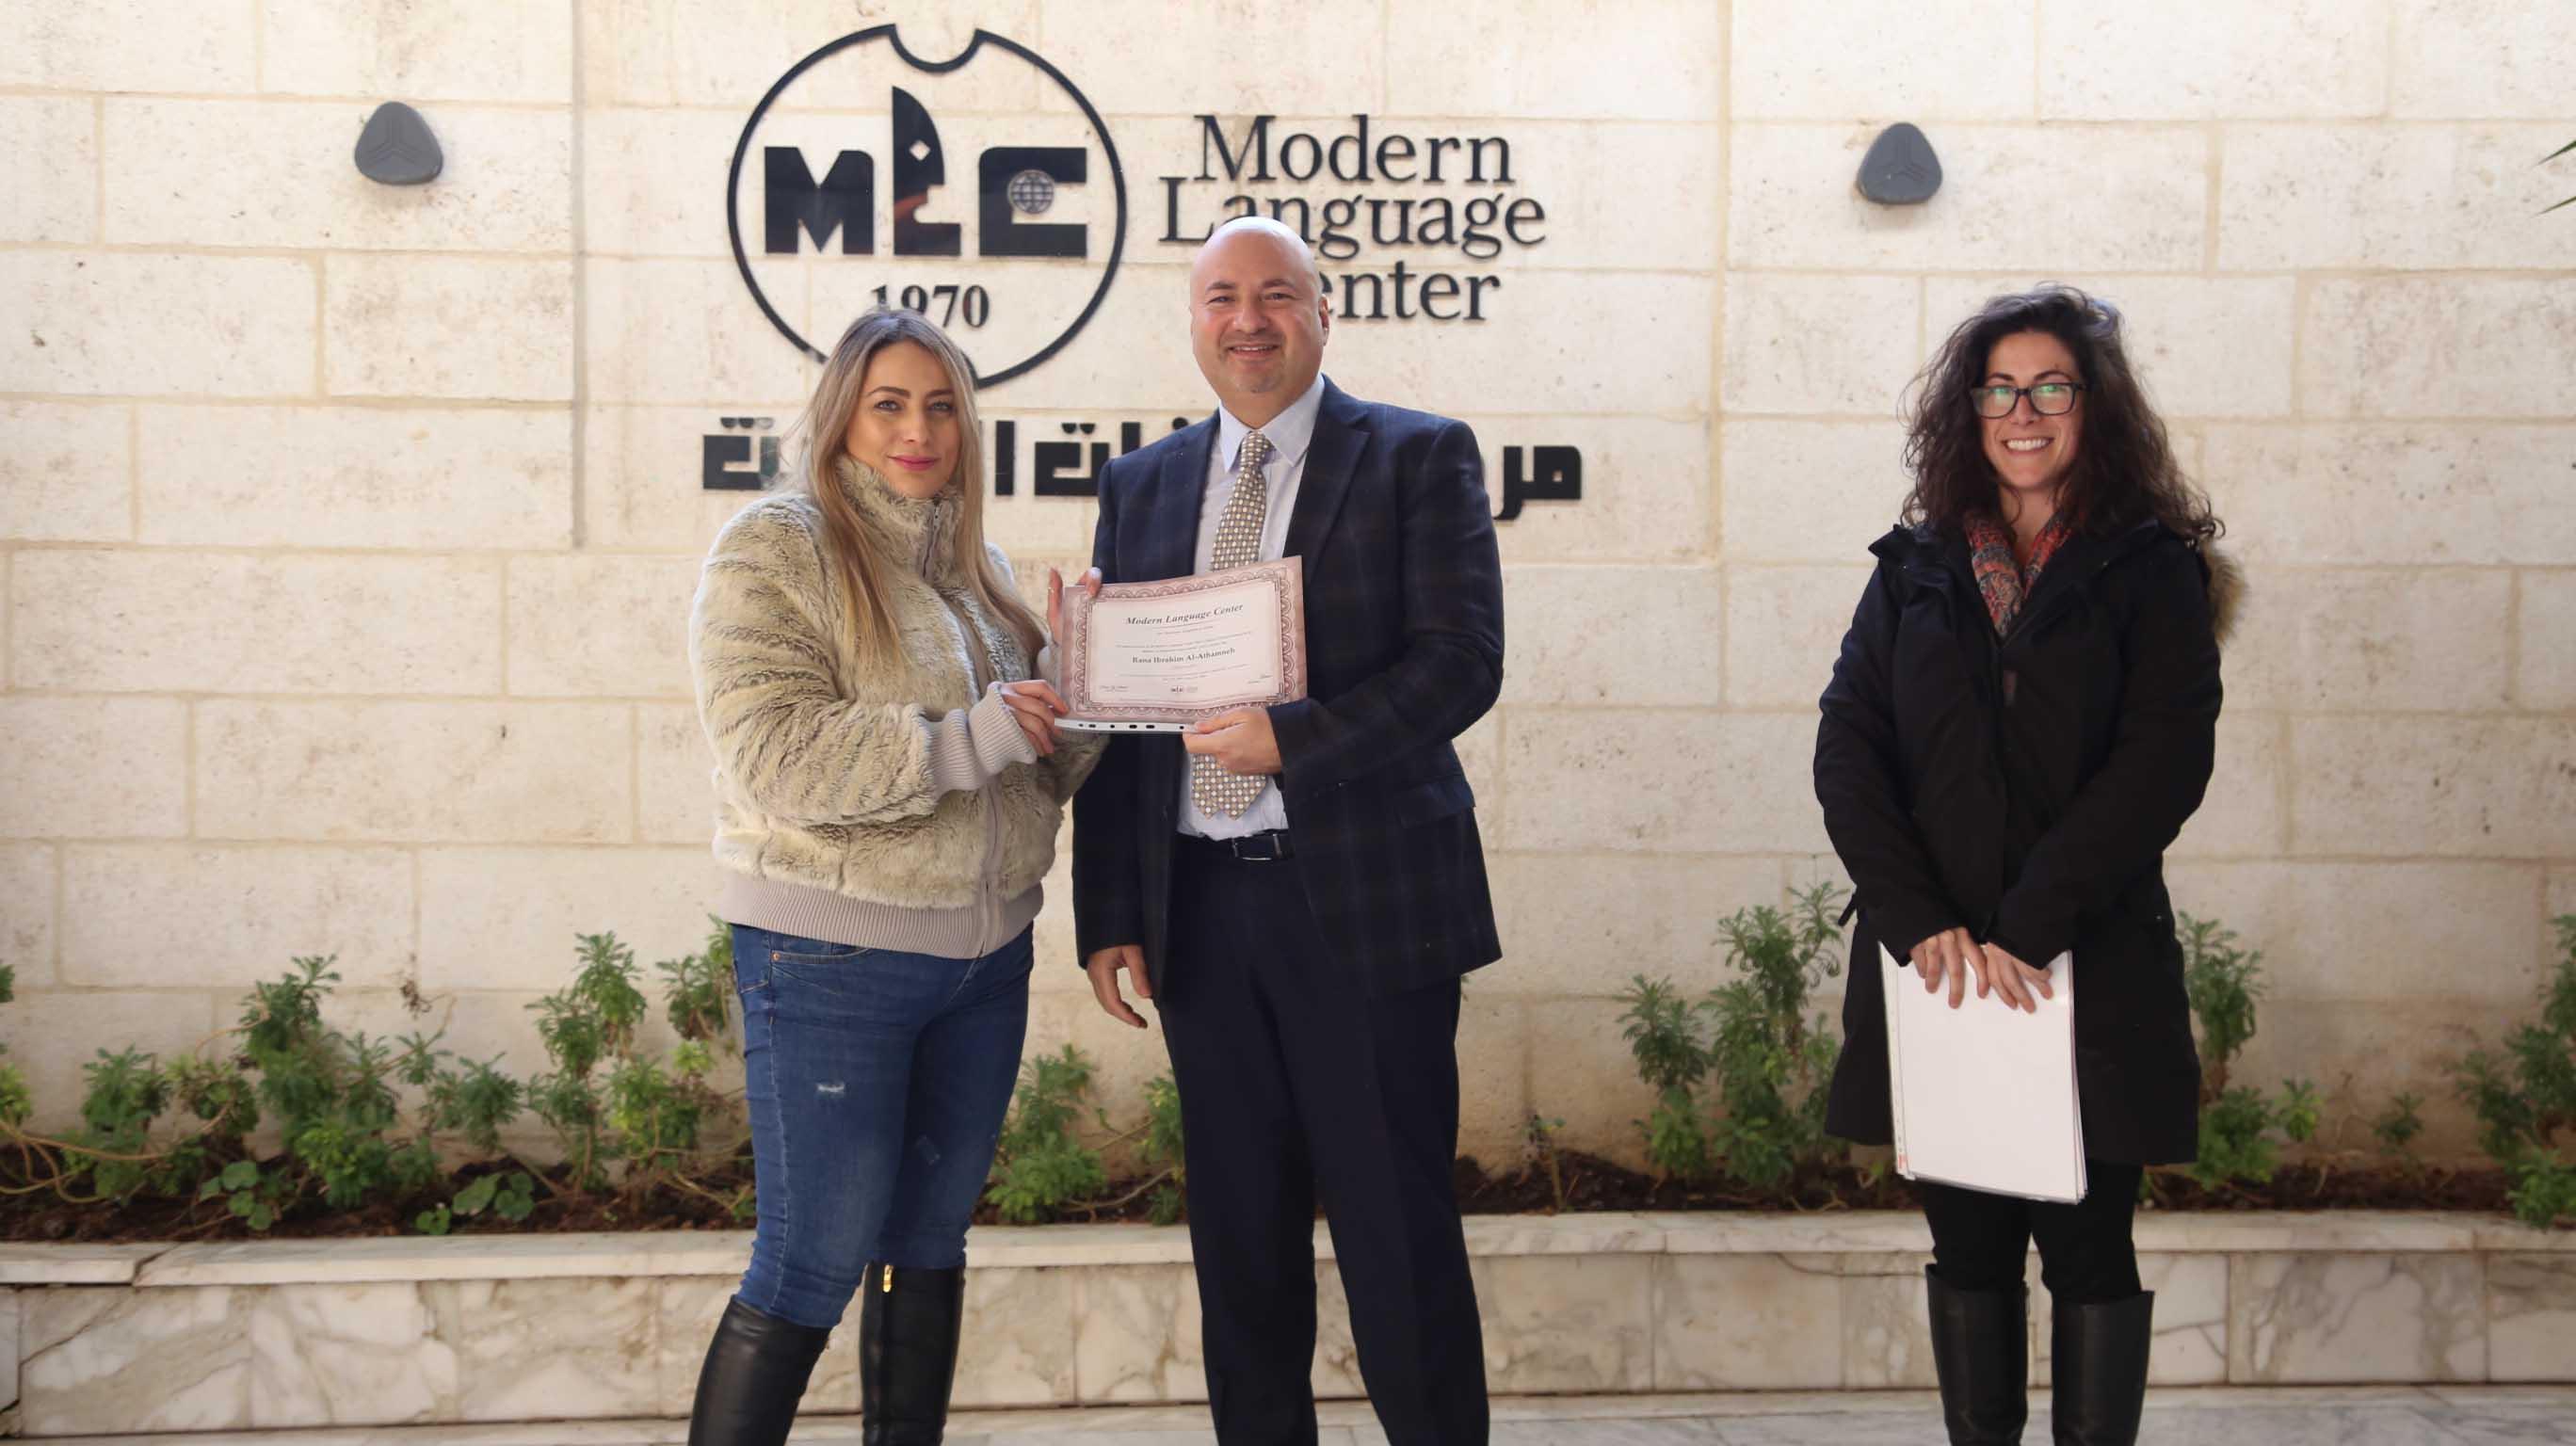 مركز اللغات الحديث يخرج فوج جديد من طلاب اللغة الانجليزية